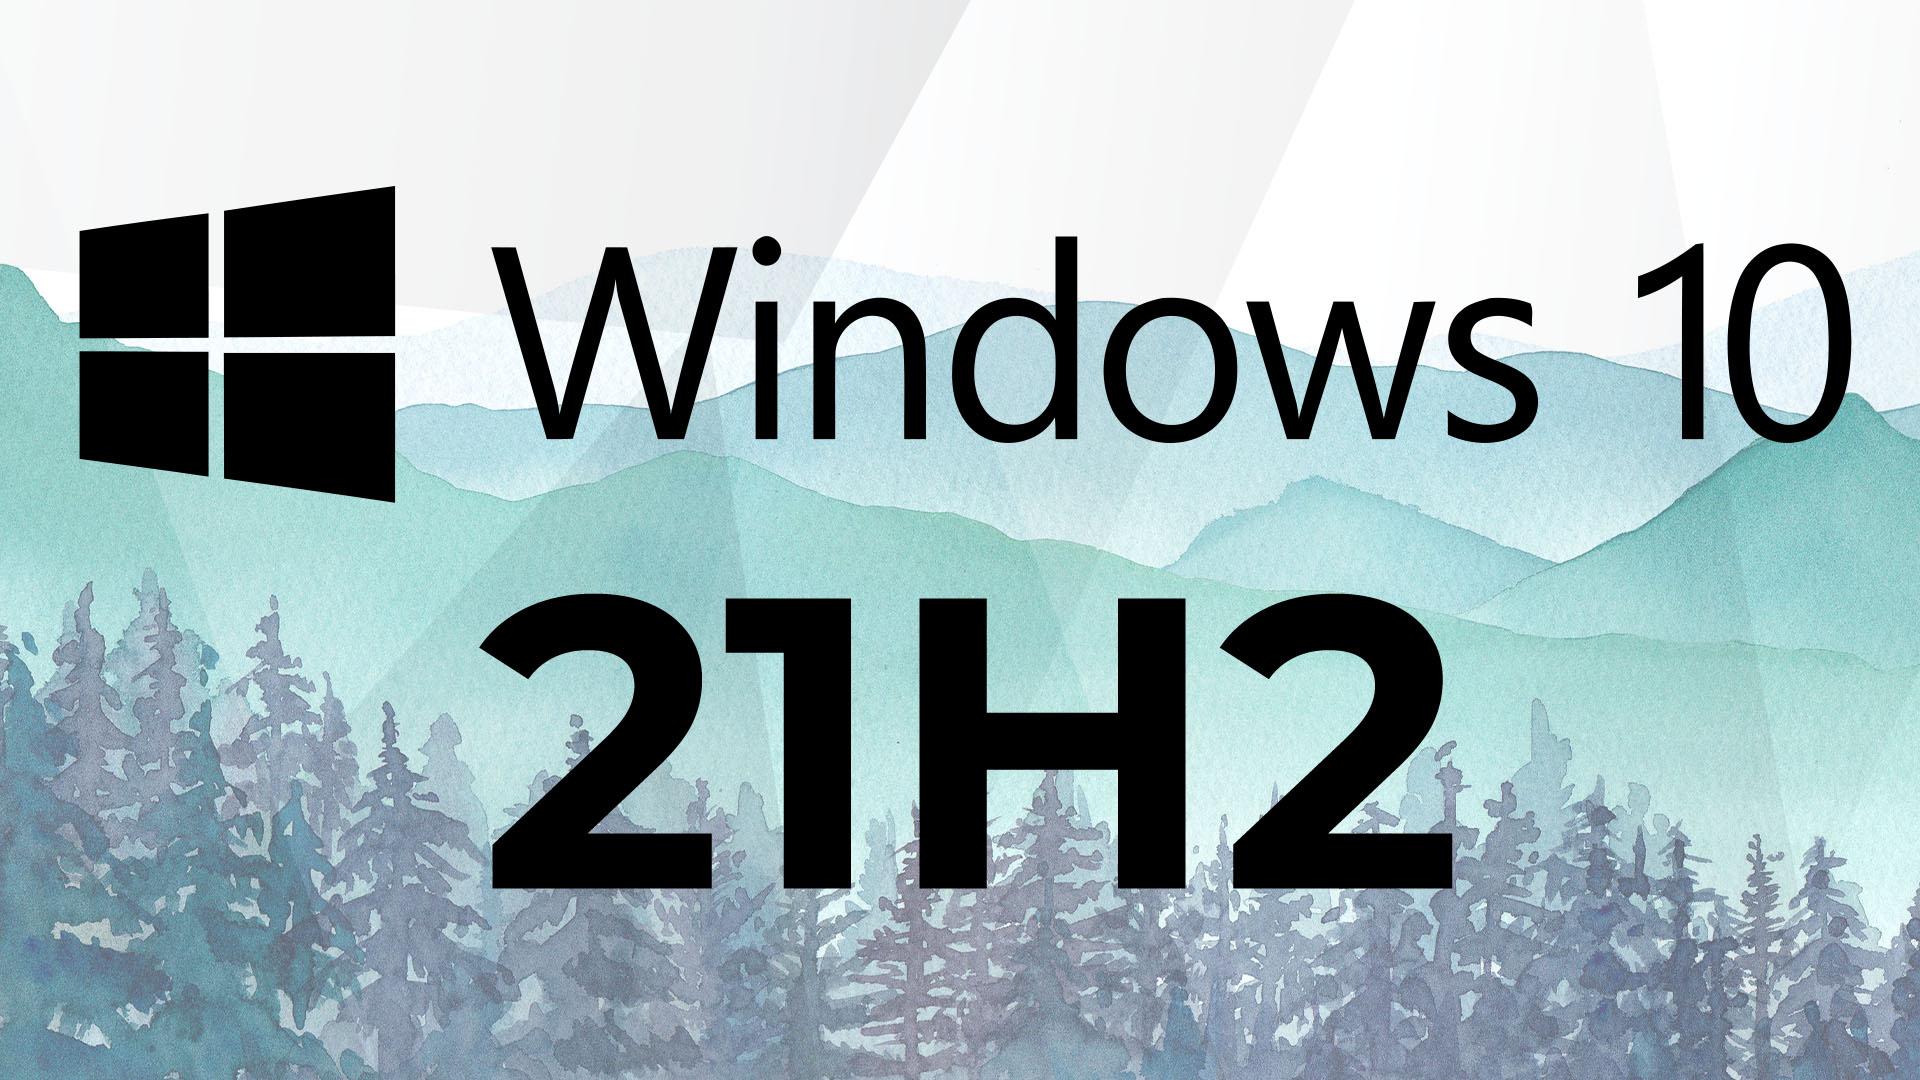 Windows 10 21H2: Das ist die finale Version des kleinen Herbst-Updates